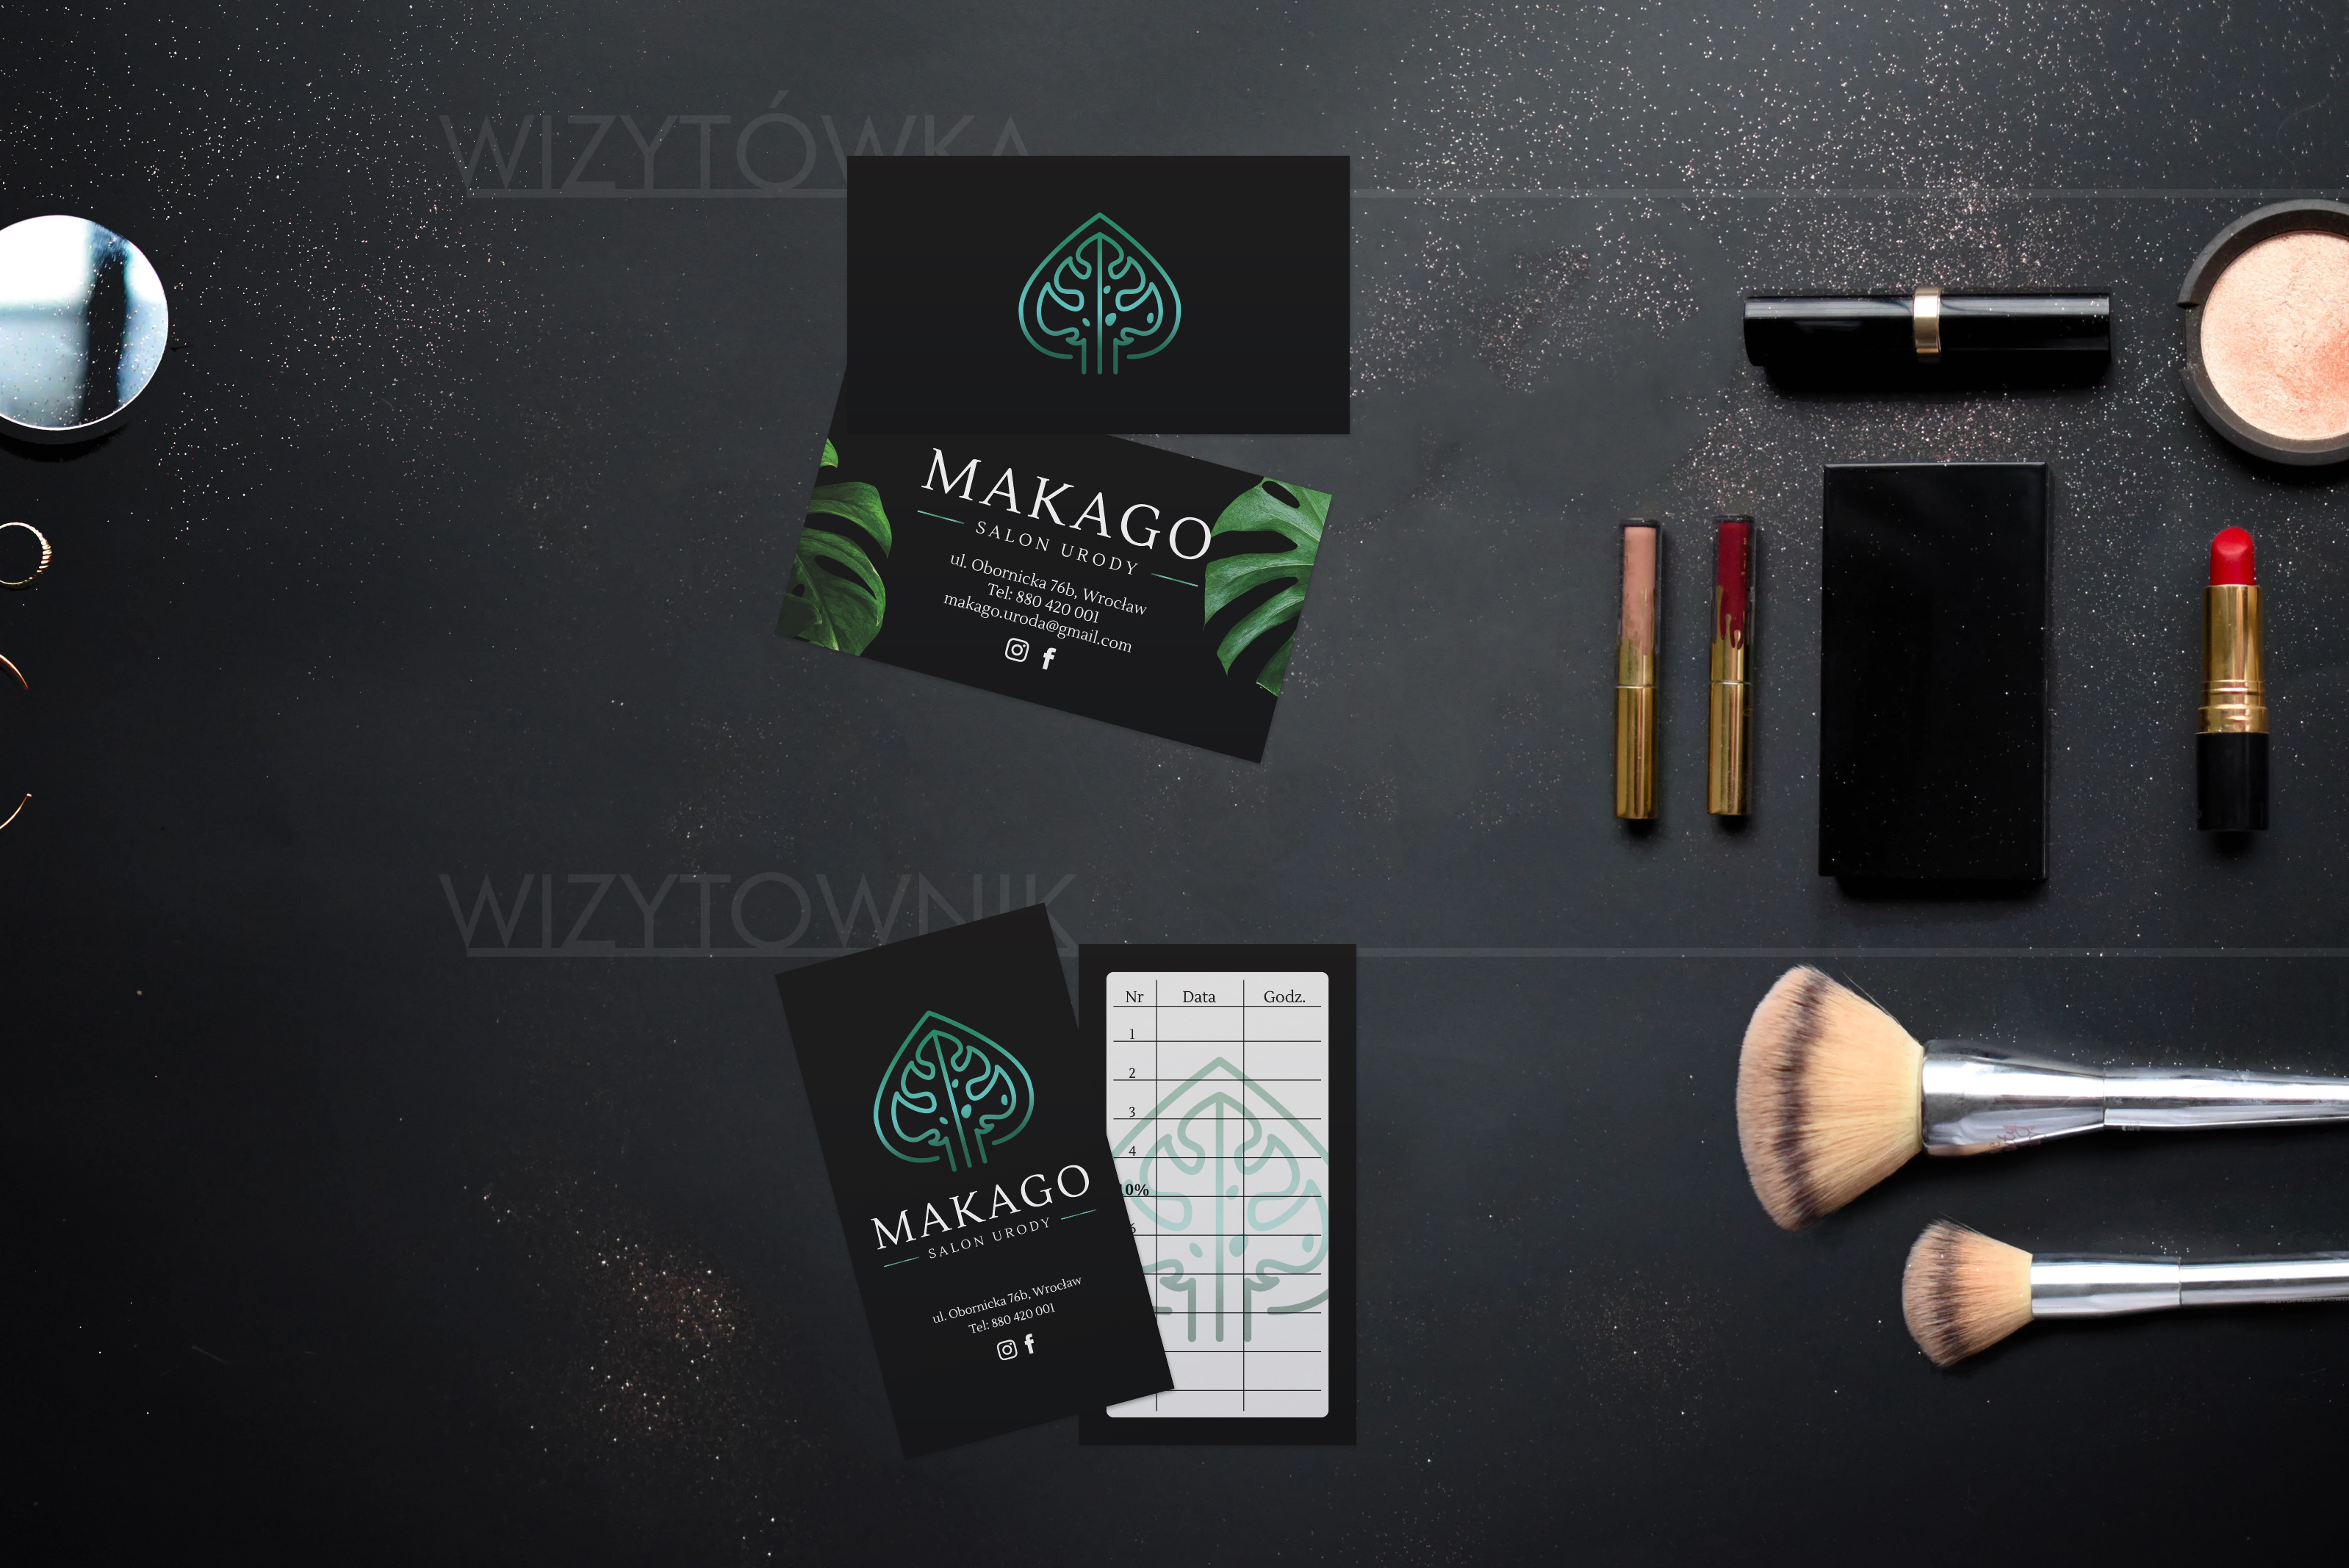 Projekt wizytówki i wizytownika Makago